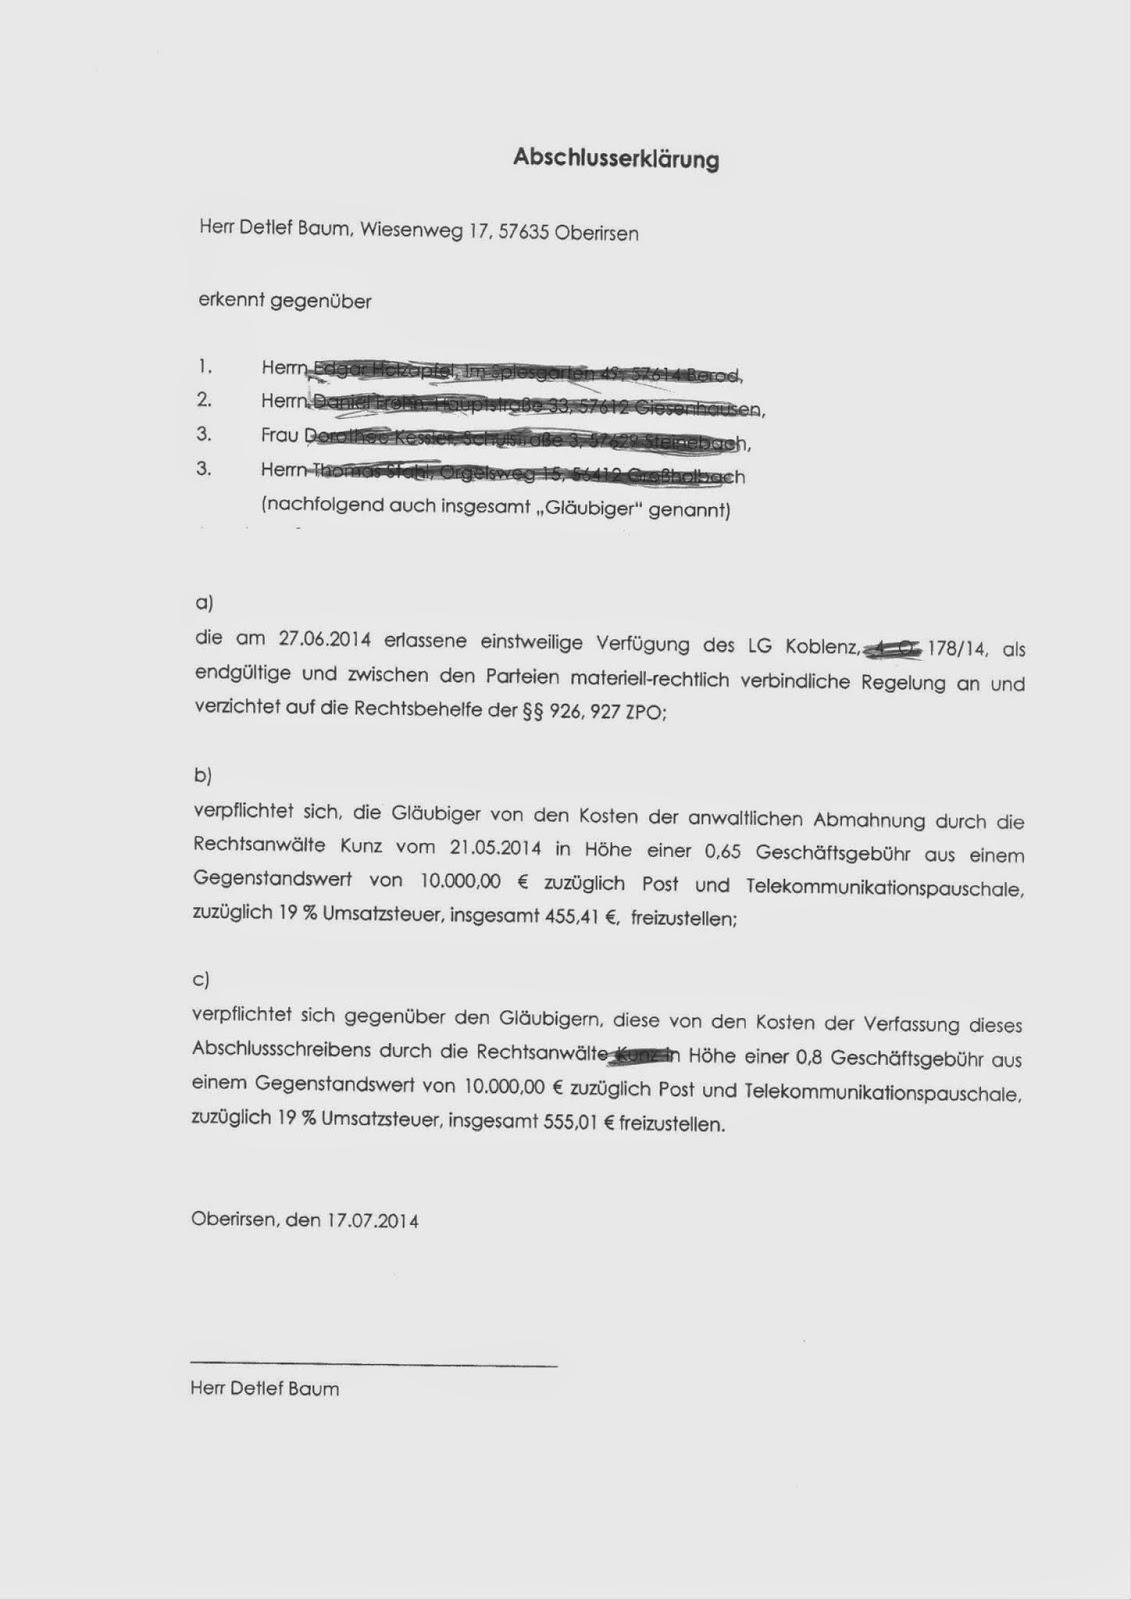 Anwaltliche Aok Gesundheitsklassenvertreter Fordern Armseligen